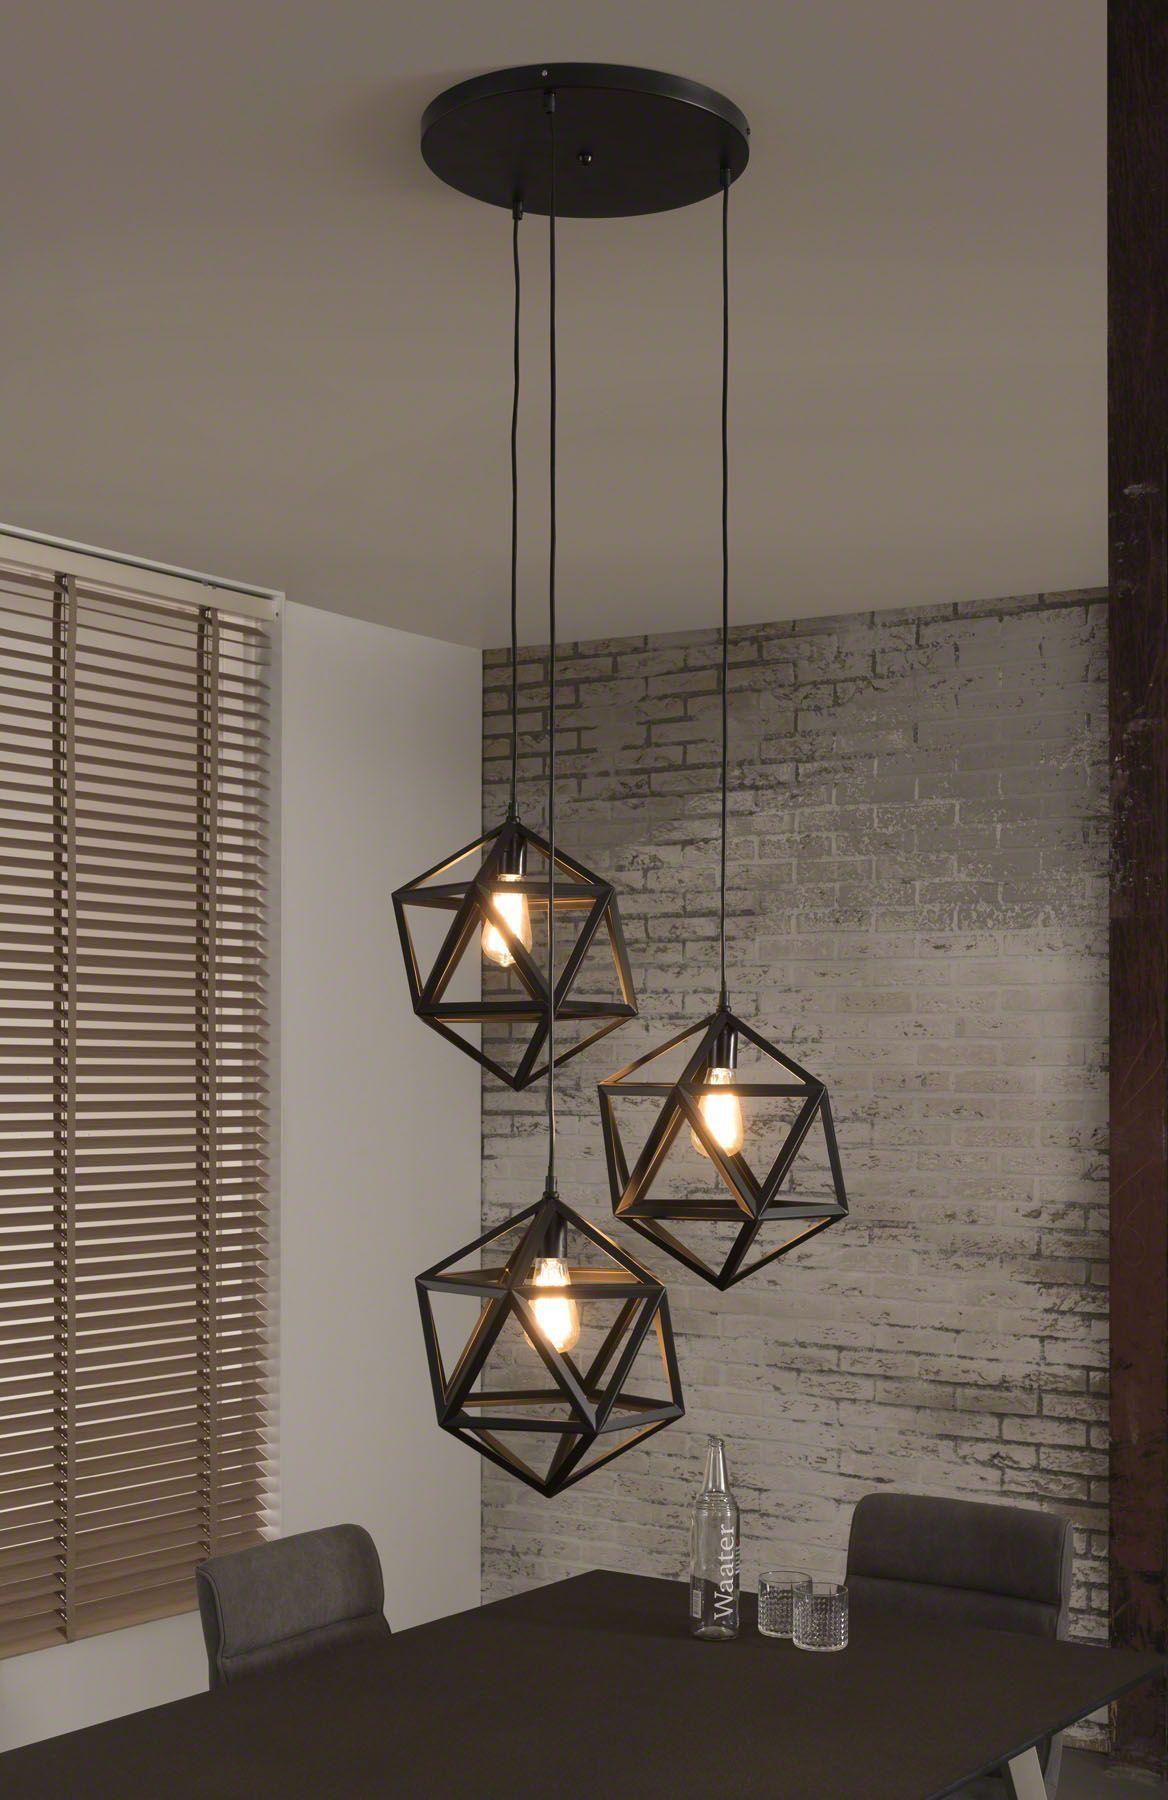 Pin Von Adritha Auf Lampen Lampen Wohnzimmer Lampen Hangelampe